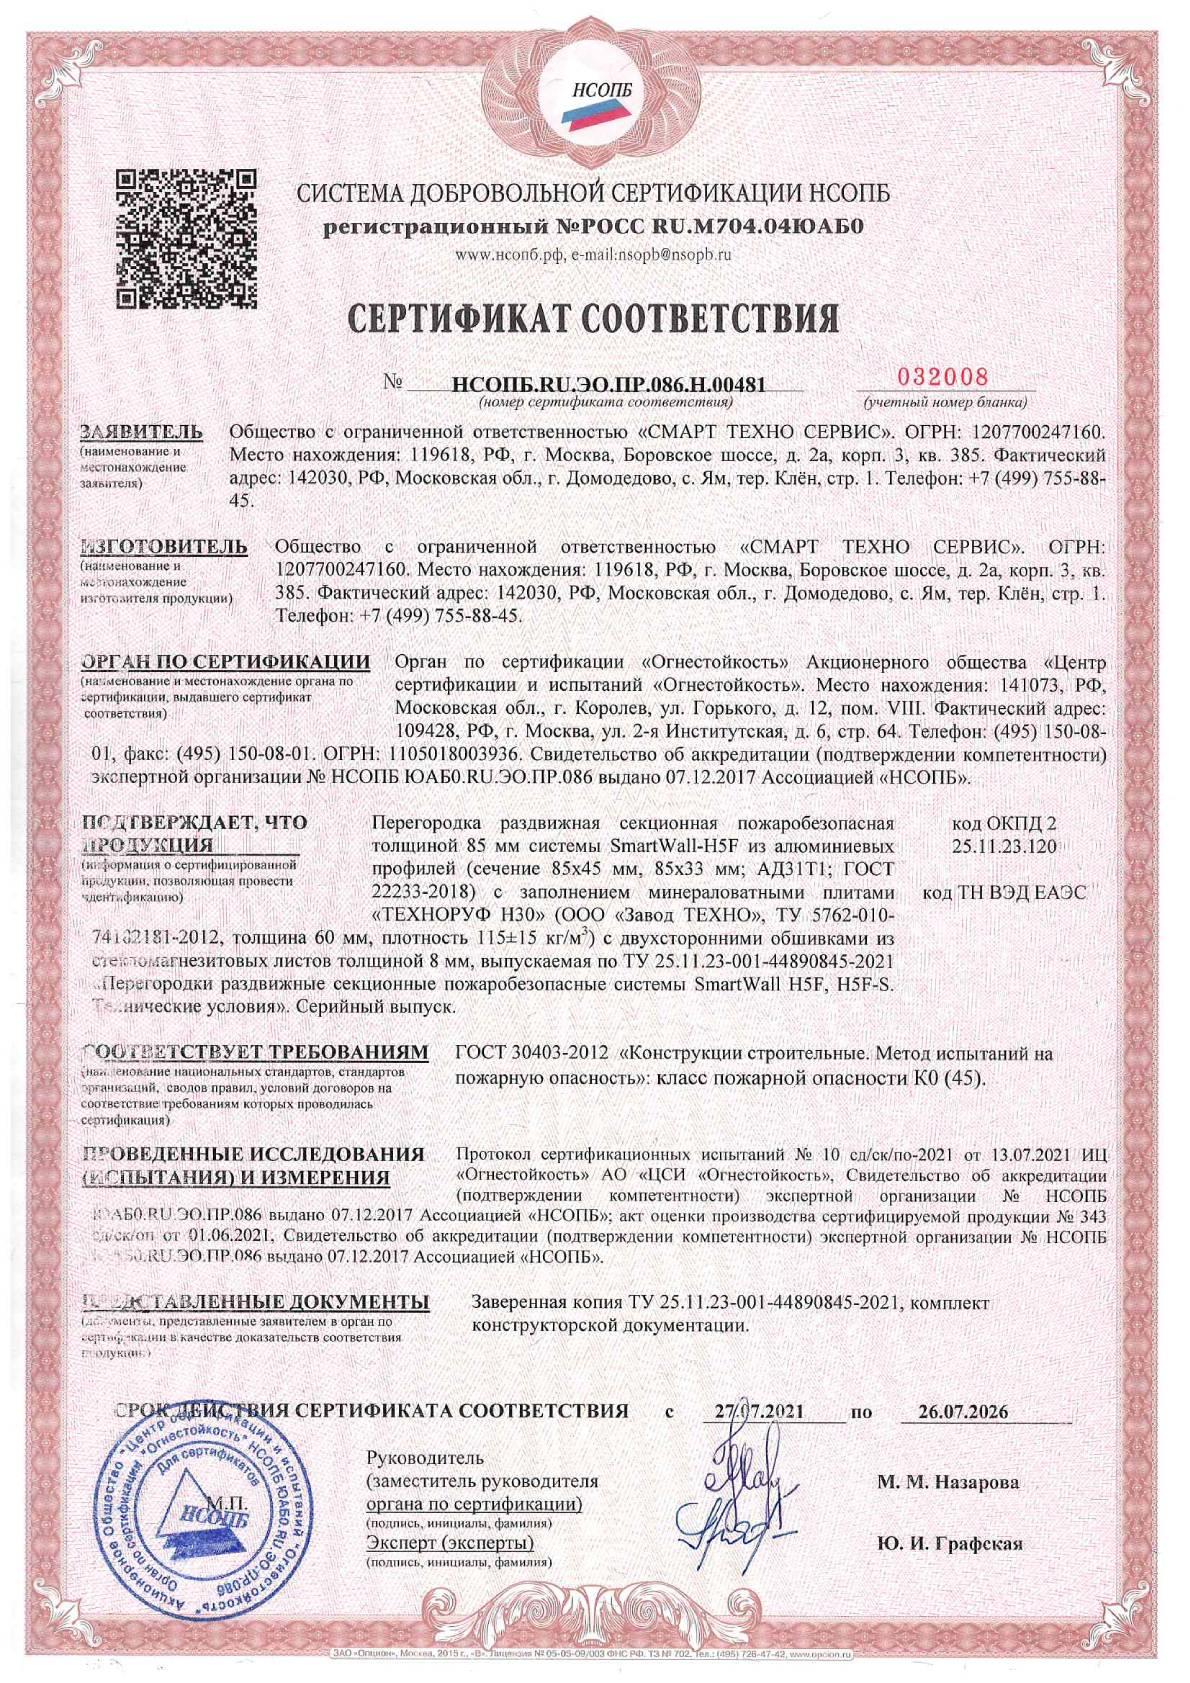 Сертификат соответствия на раздвижные перегородки Н 00481